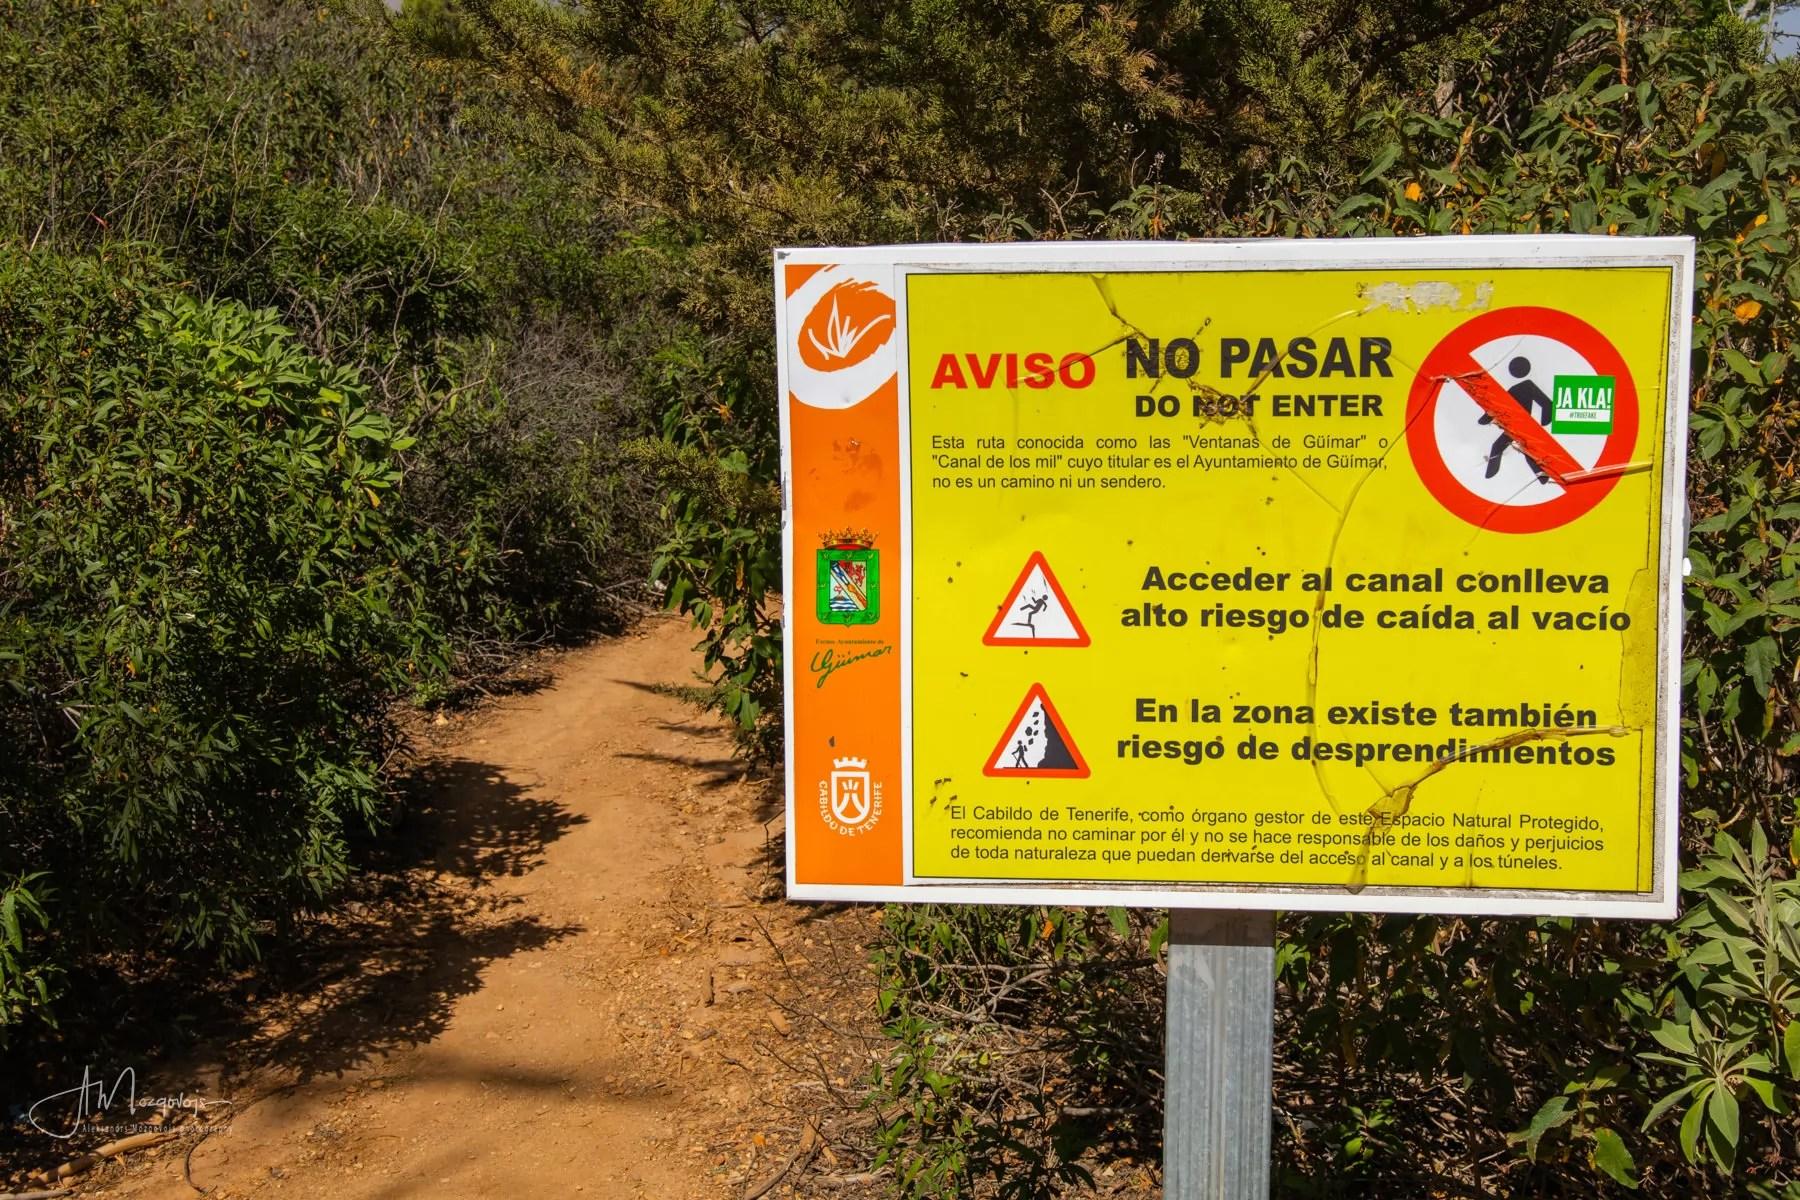 Warning sign at the entrance